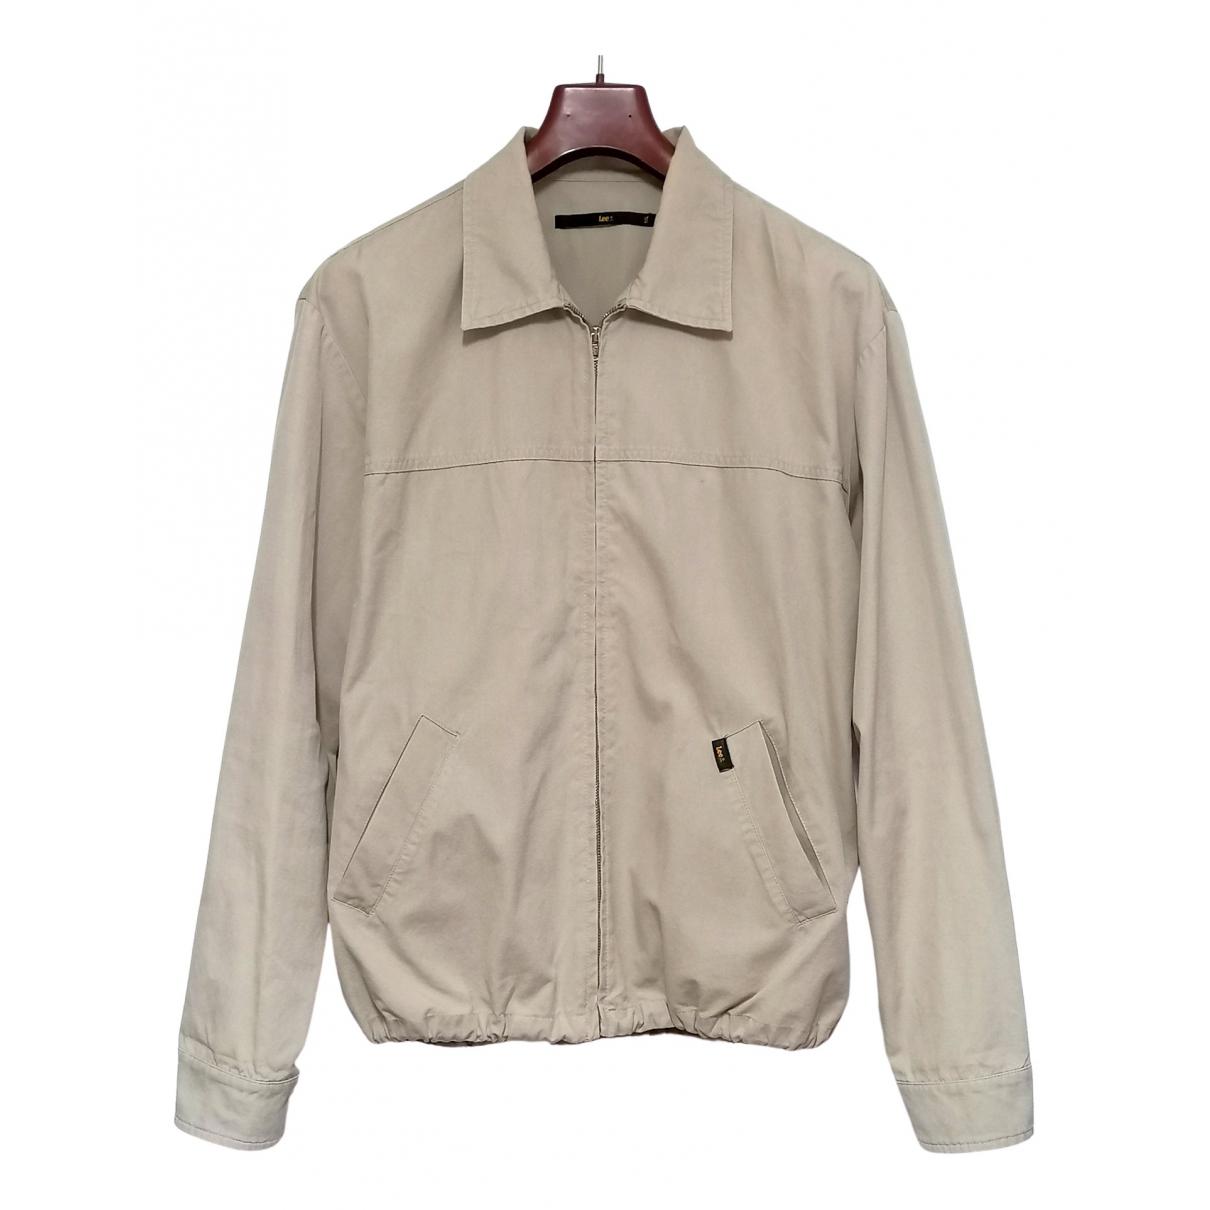 Lee - Manteau   pour homme en coton - beige